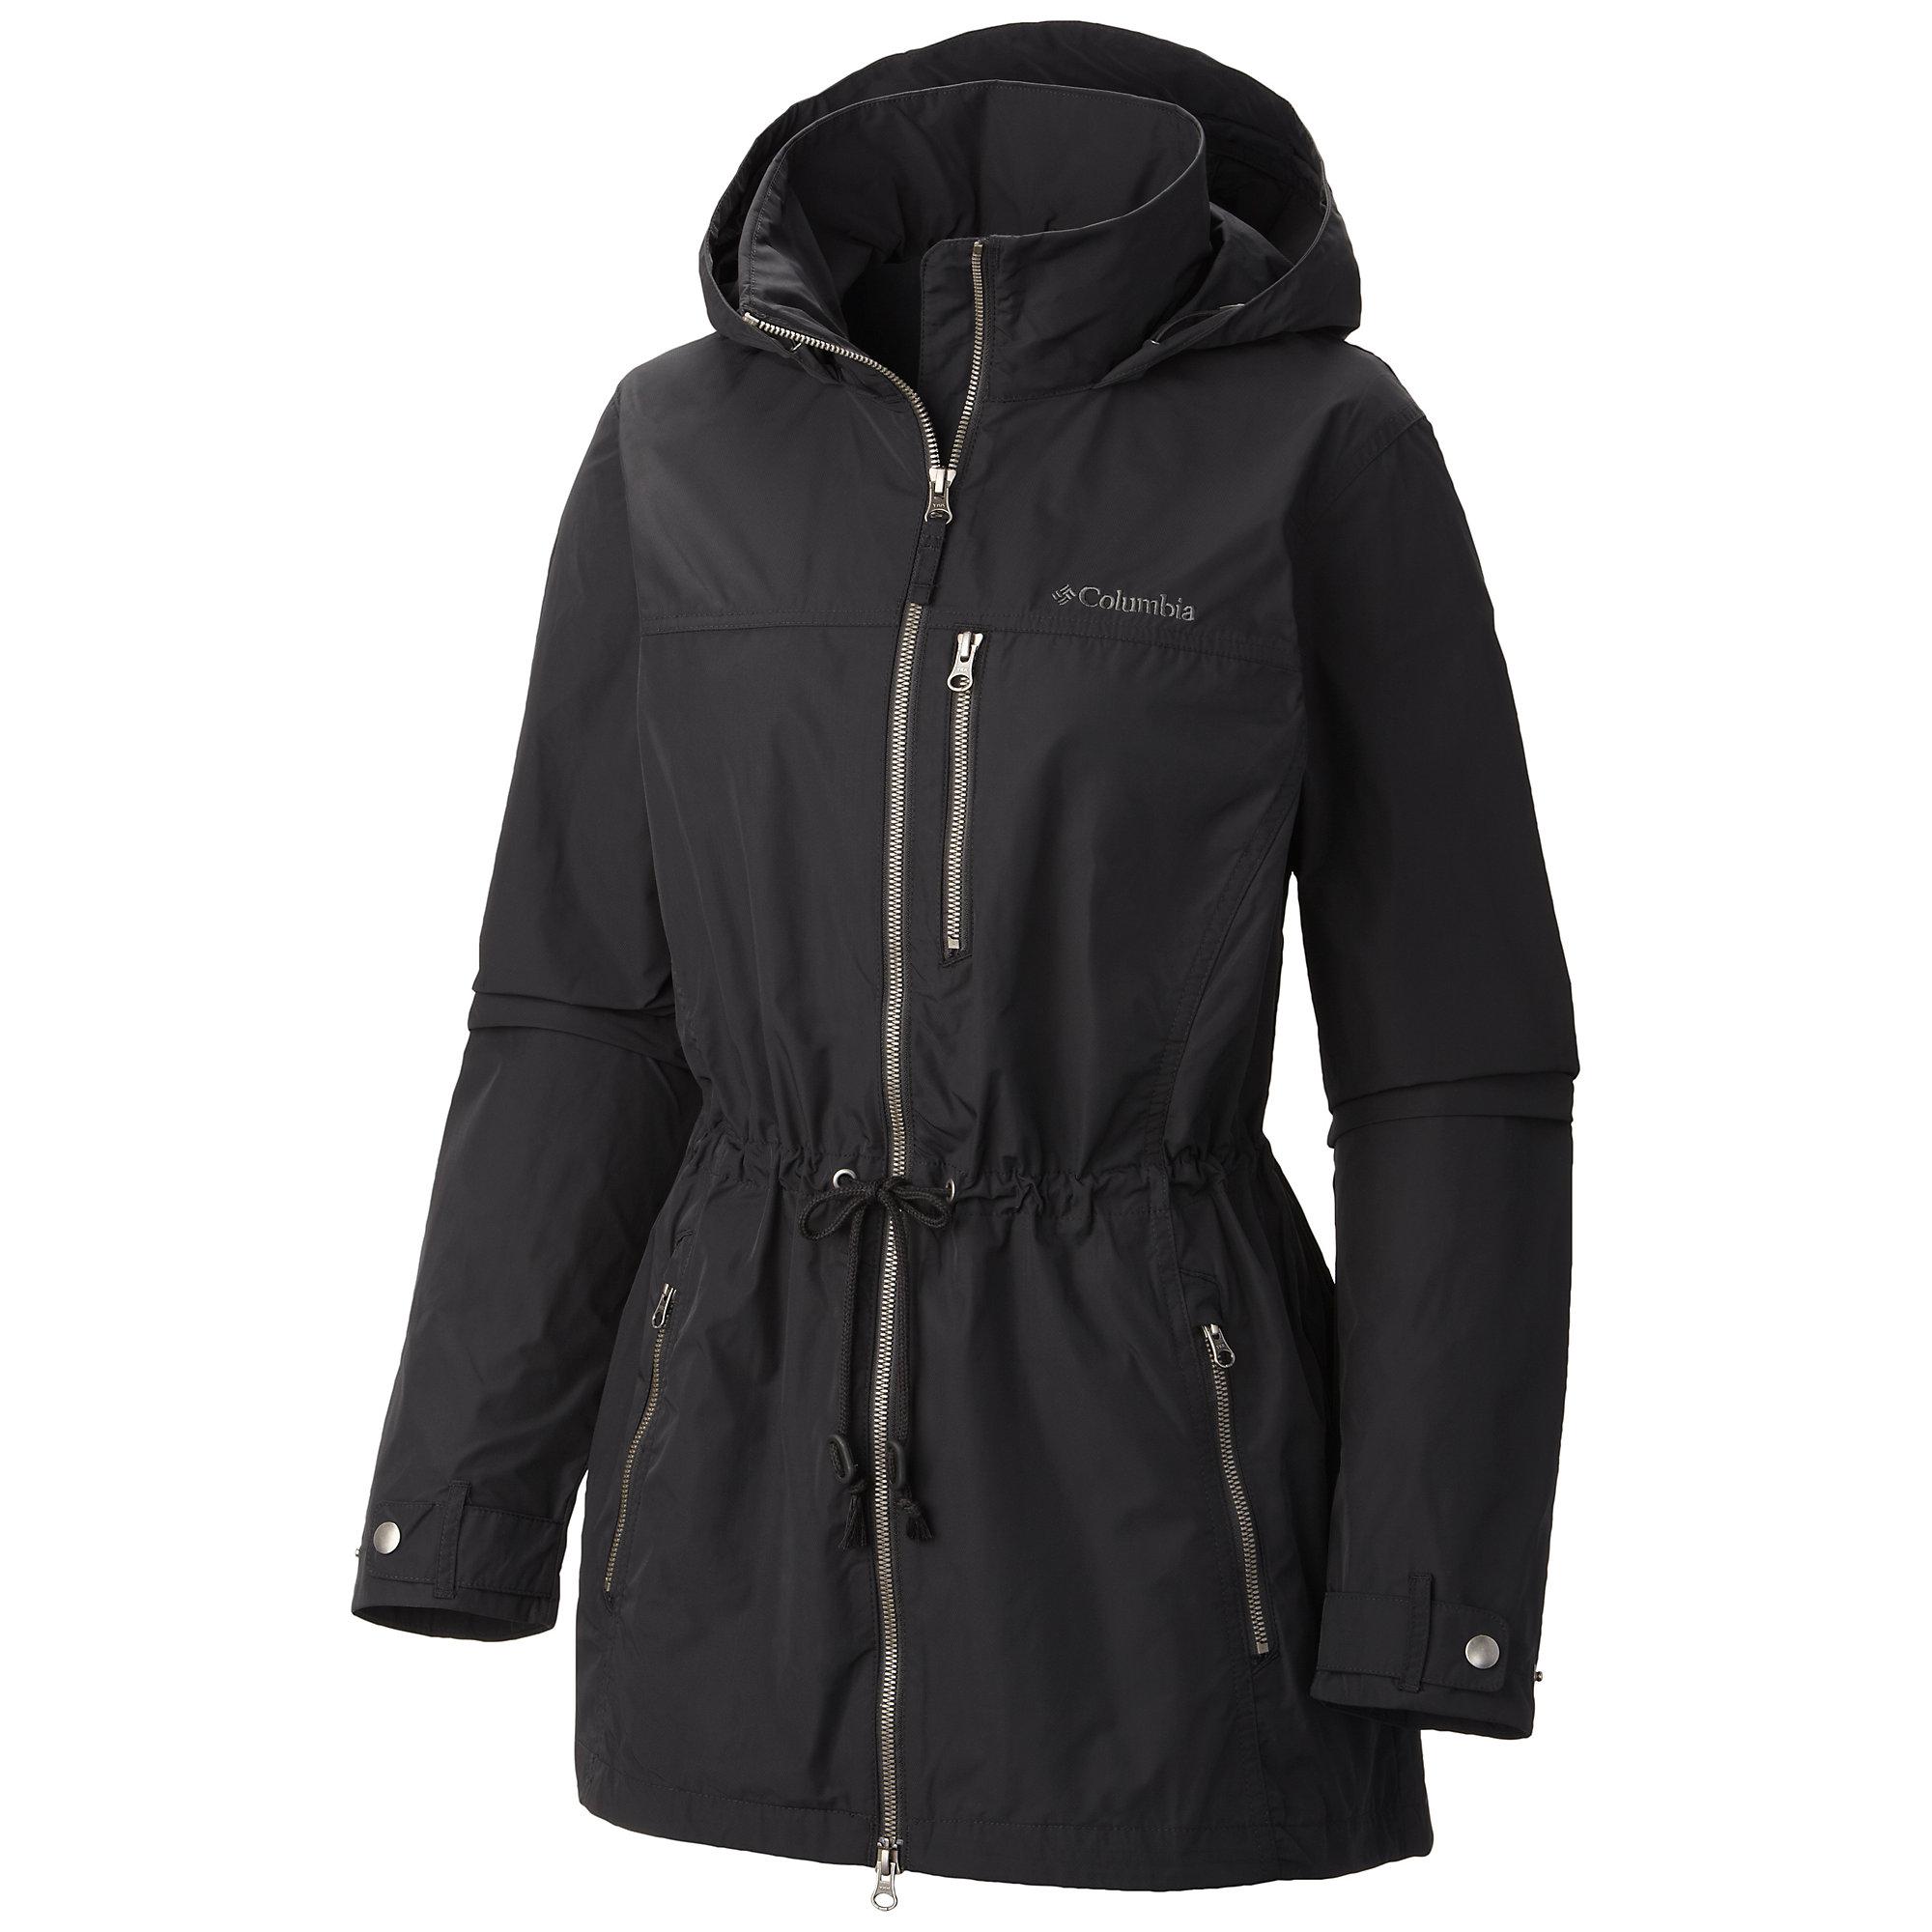 Columbia Suburbanizer Jacket